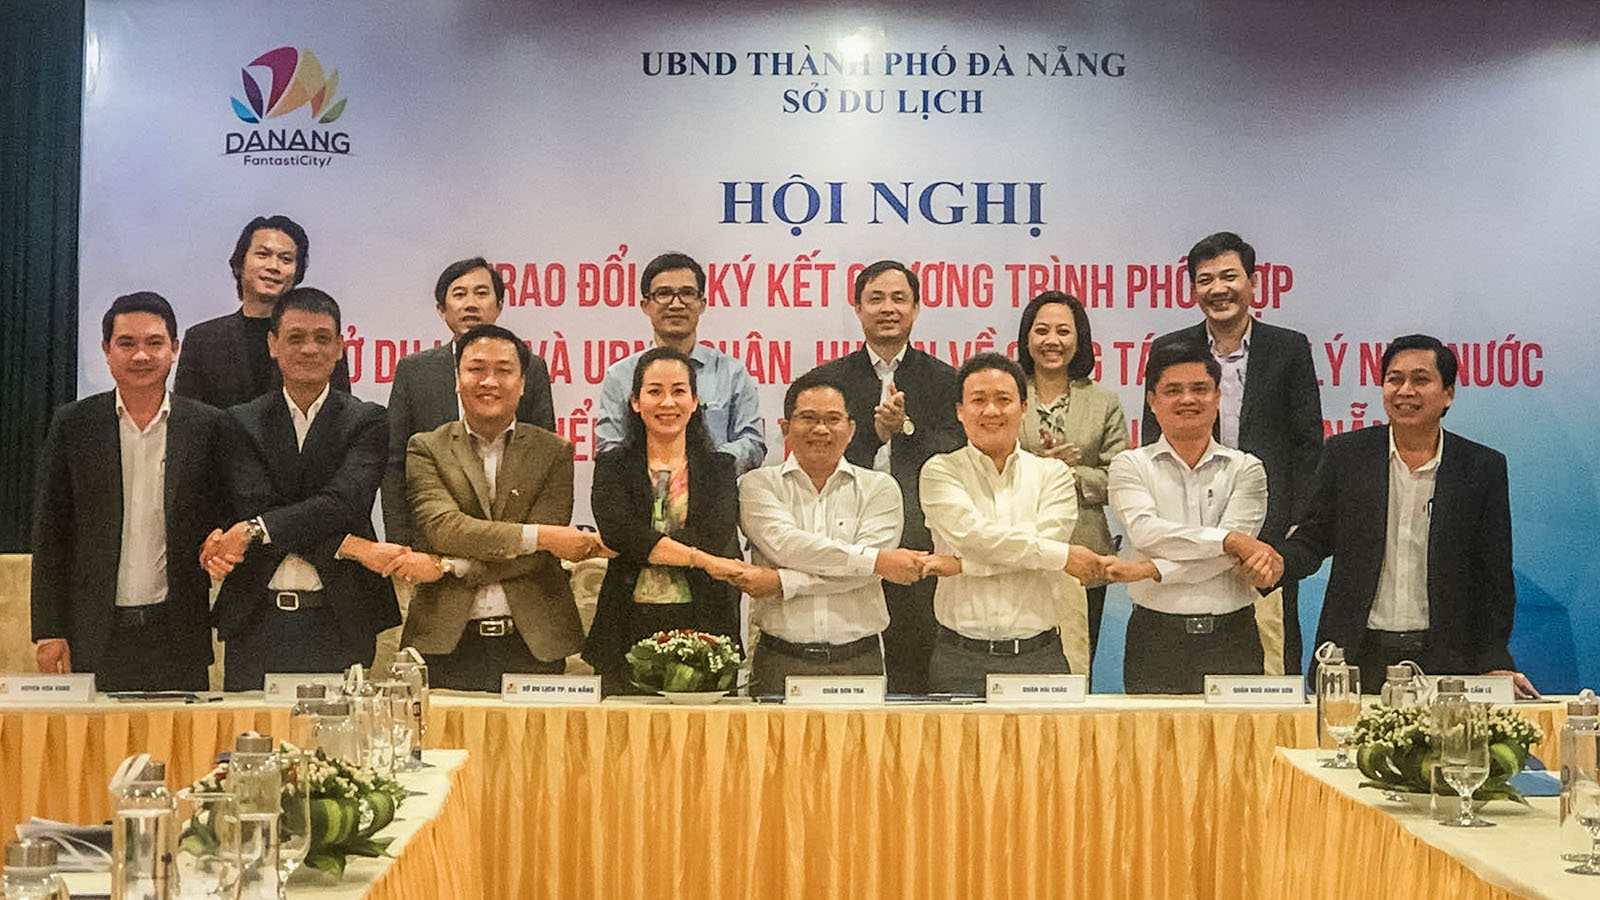 Sở Du lịch Đà Nẵng Ký kết phối hợp cùng các UBND các Quận, Huyện về công tác quản lý Nhà nước và phát triển du lịch